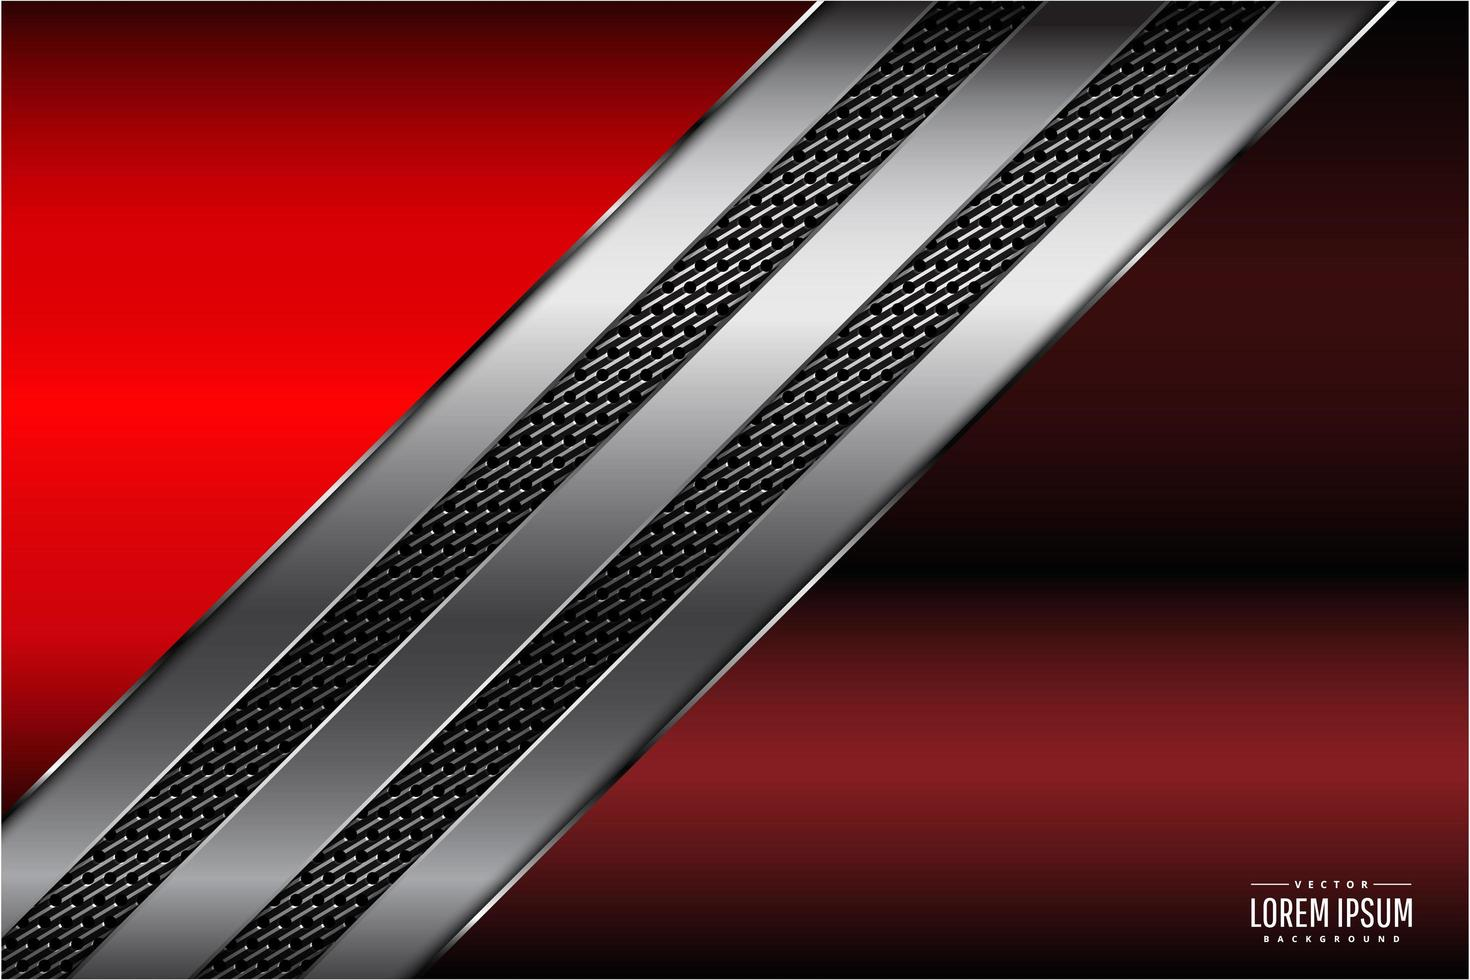 rood en zilver metallic panelen met koolstofvezel strepen vector